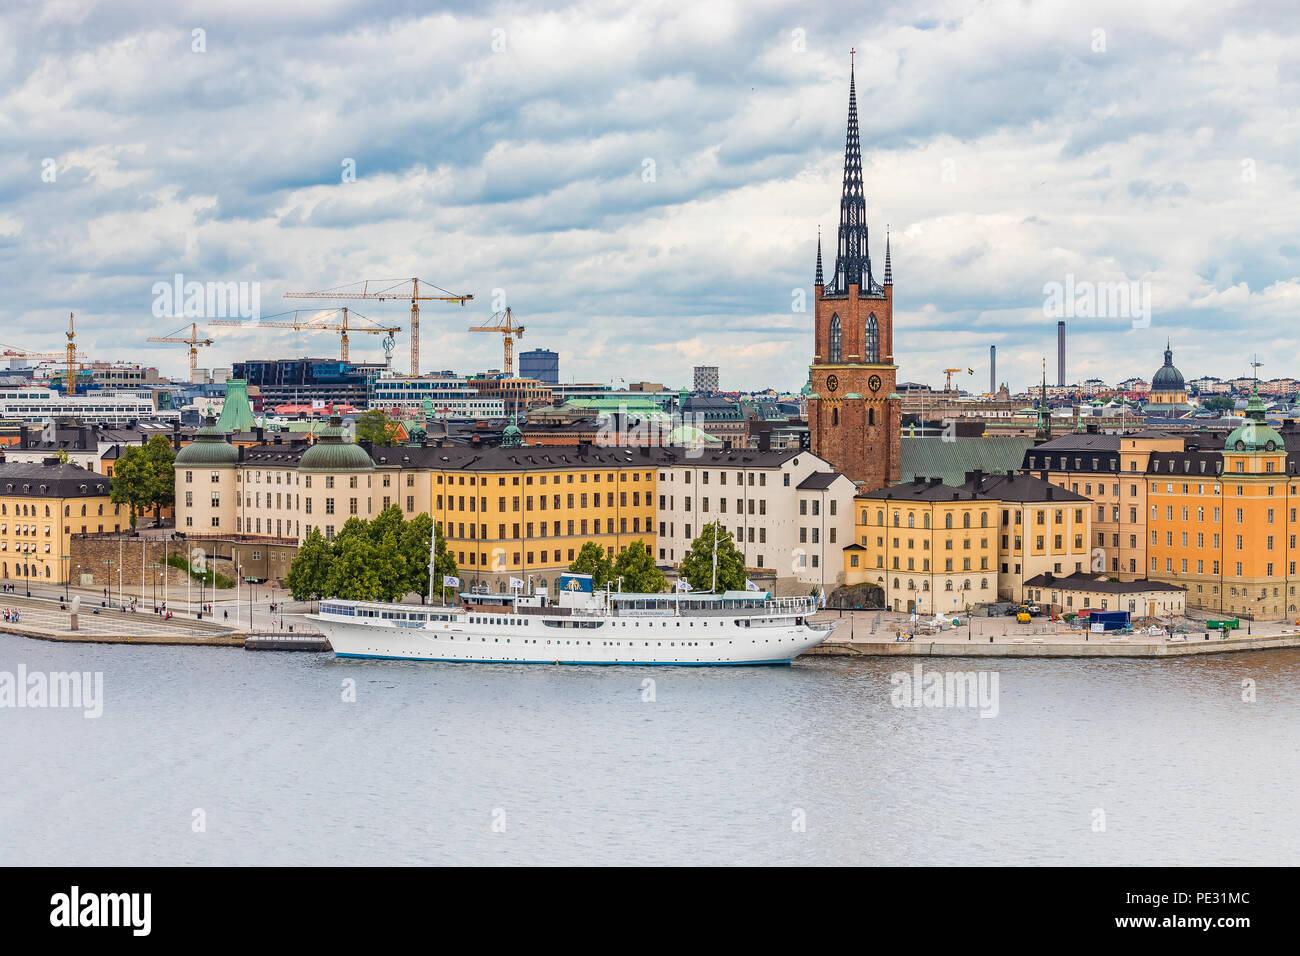 Stoccolma, Svezia - Agosto 10, 2017: vista sulla isola di Riddarholmen e chiesa di Riddarholmen, la chiesa di sepoltura dei monarchi svedesi, nella città vecchia di Gamla Immagini Stock